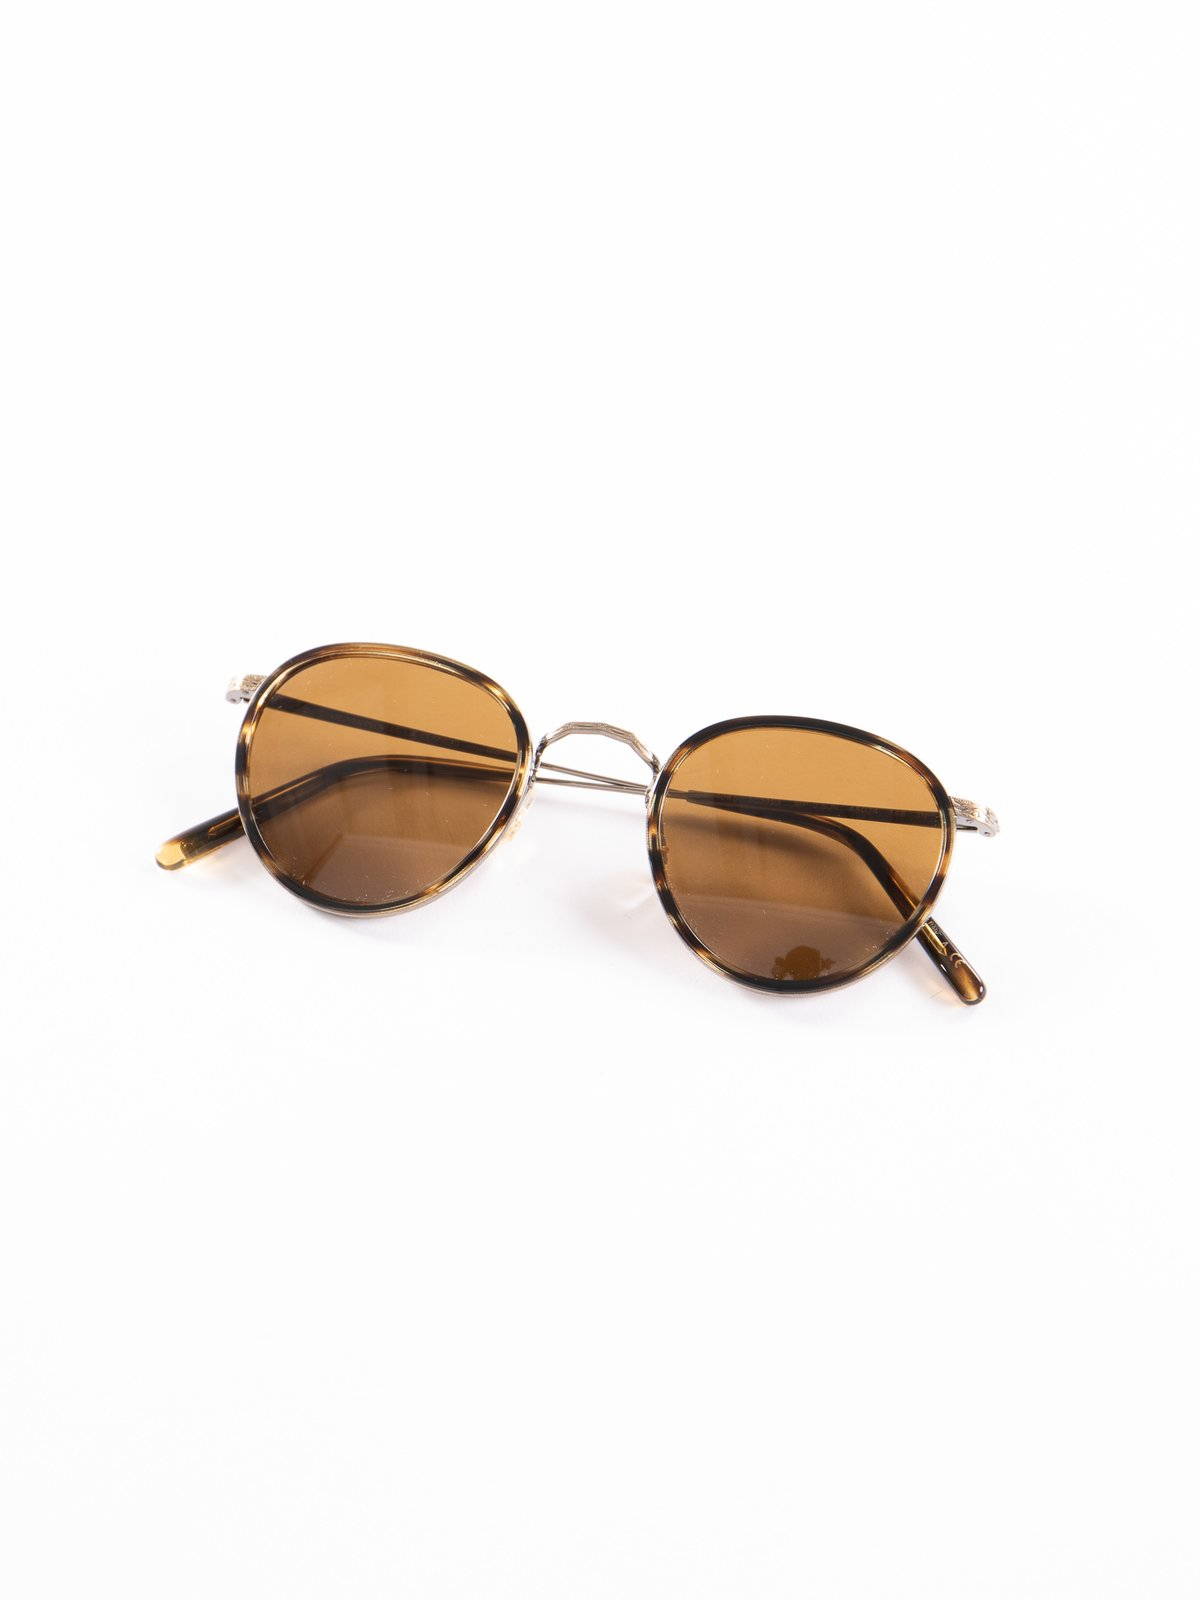 Cocobolo–Antique Gold/Brown MP–2 Sunglasses - Image 1